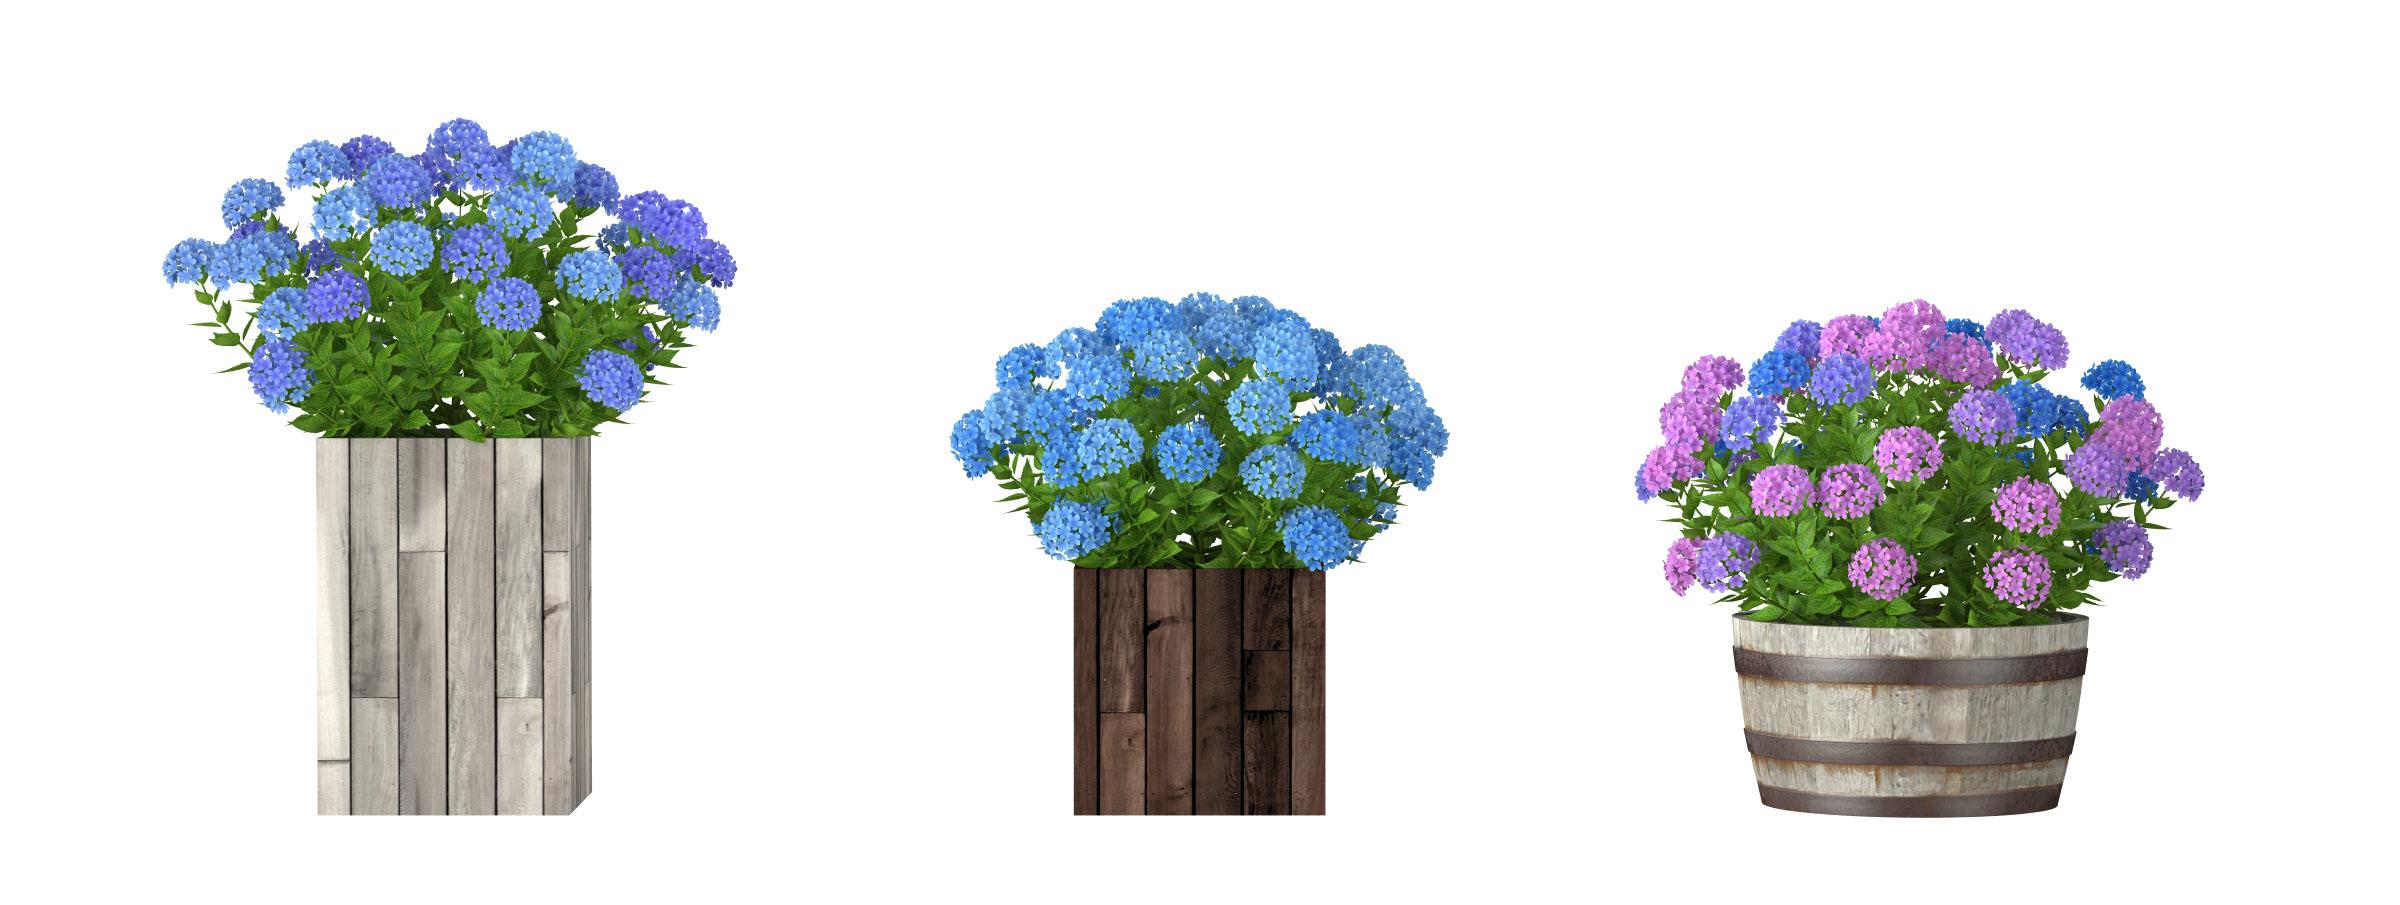 RANDOM MODELS – PRO MODELS 319 – FLOWER MODELS